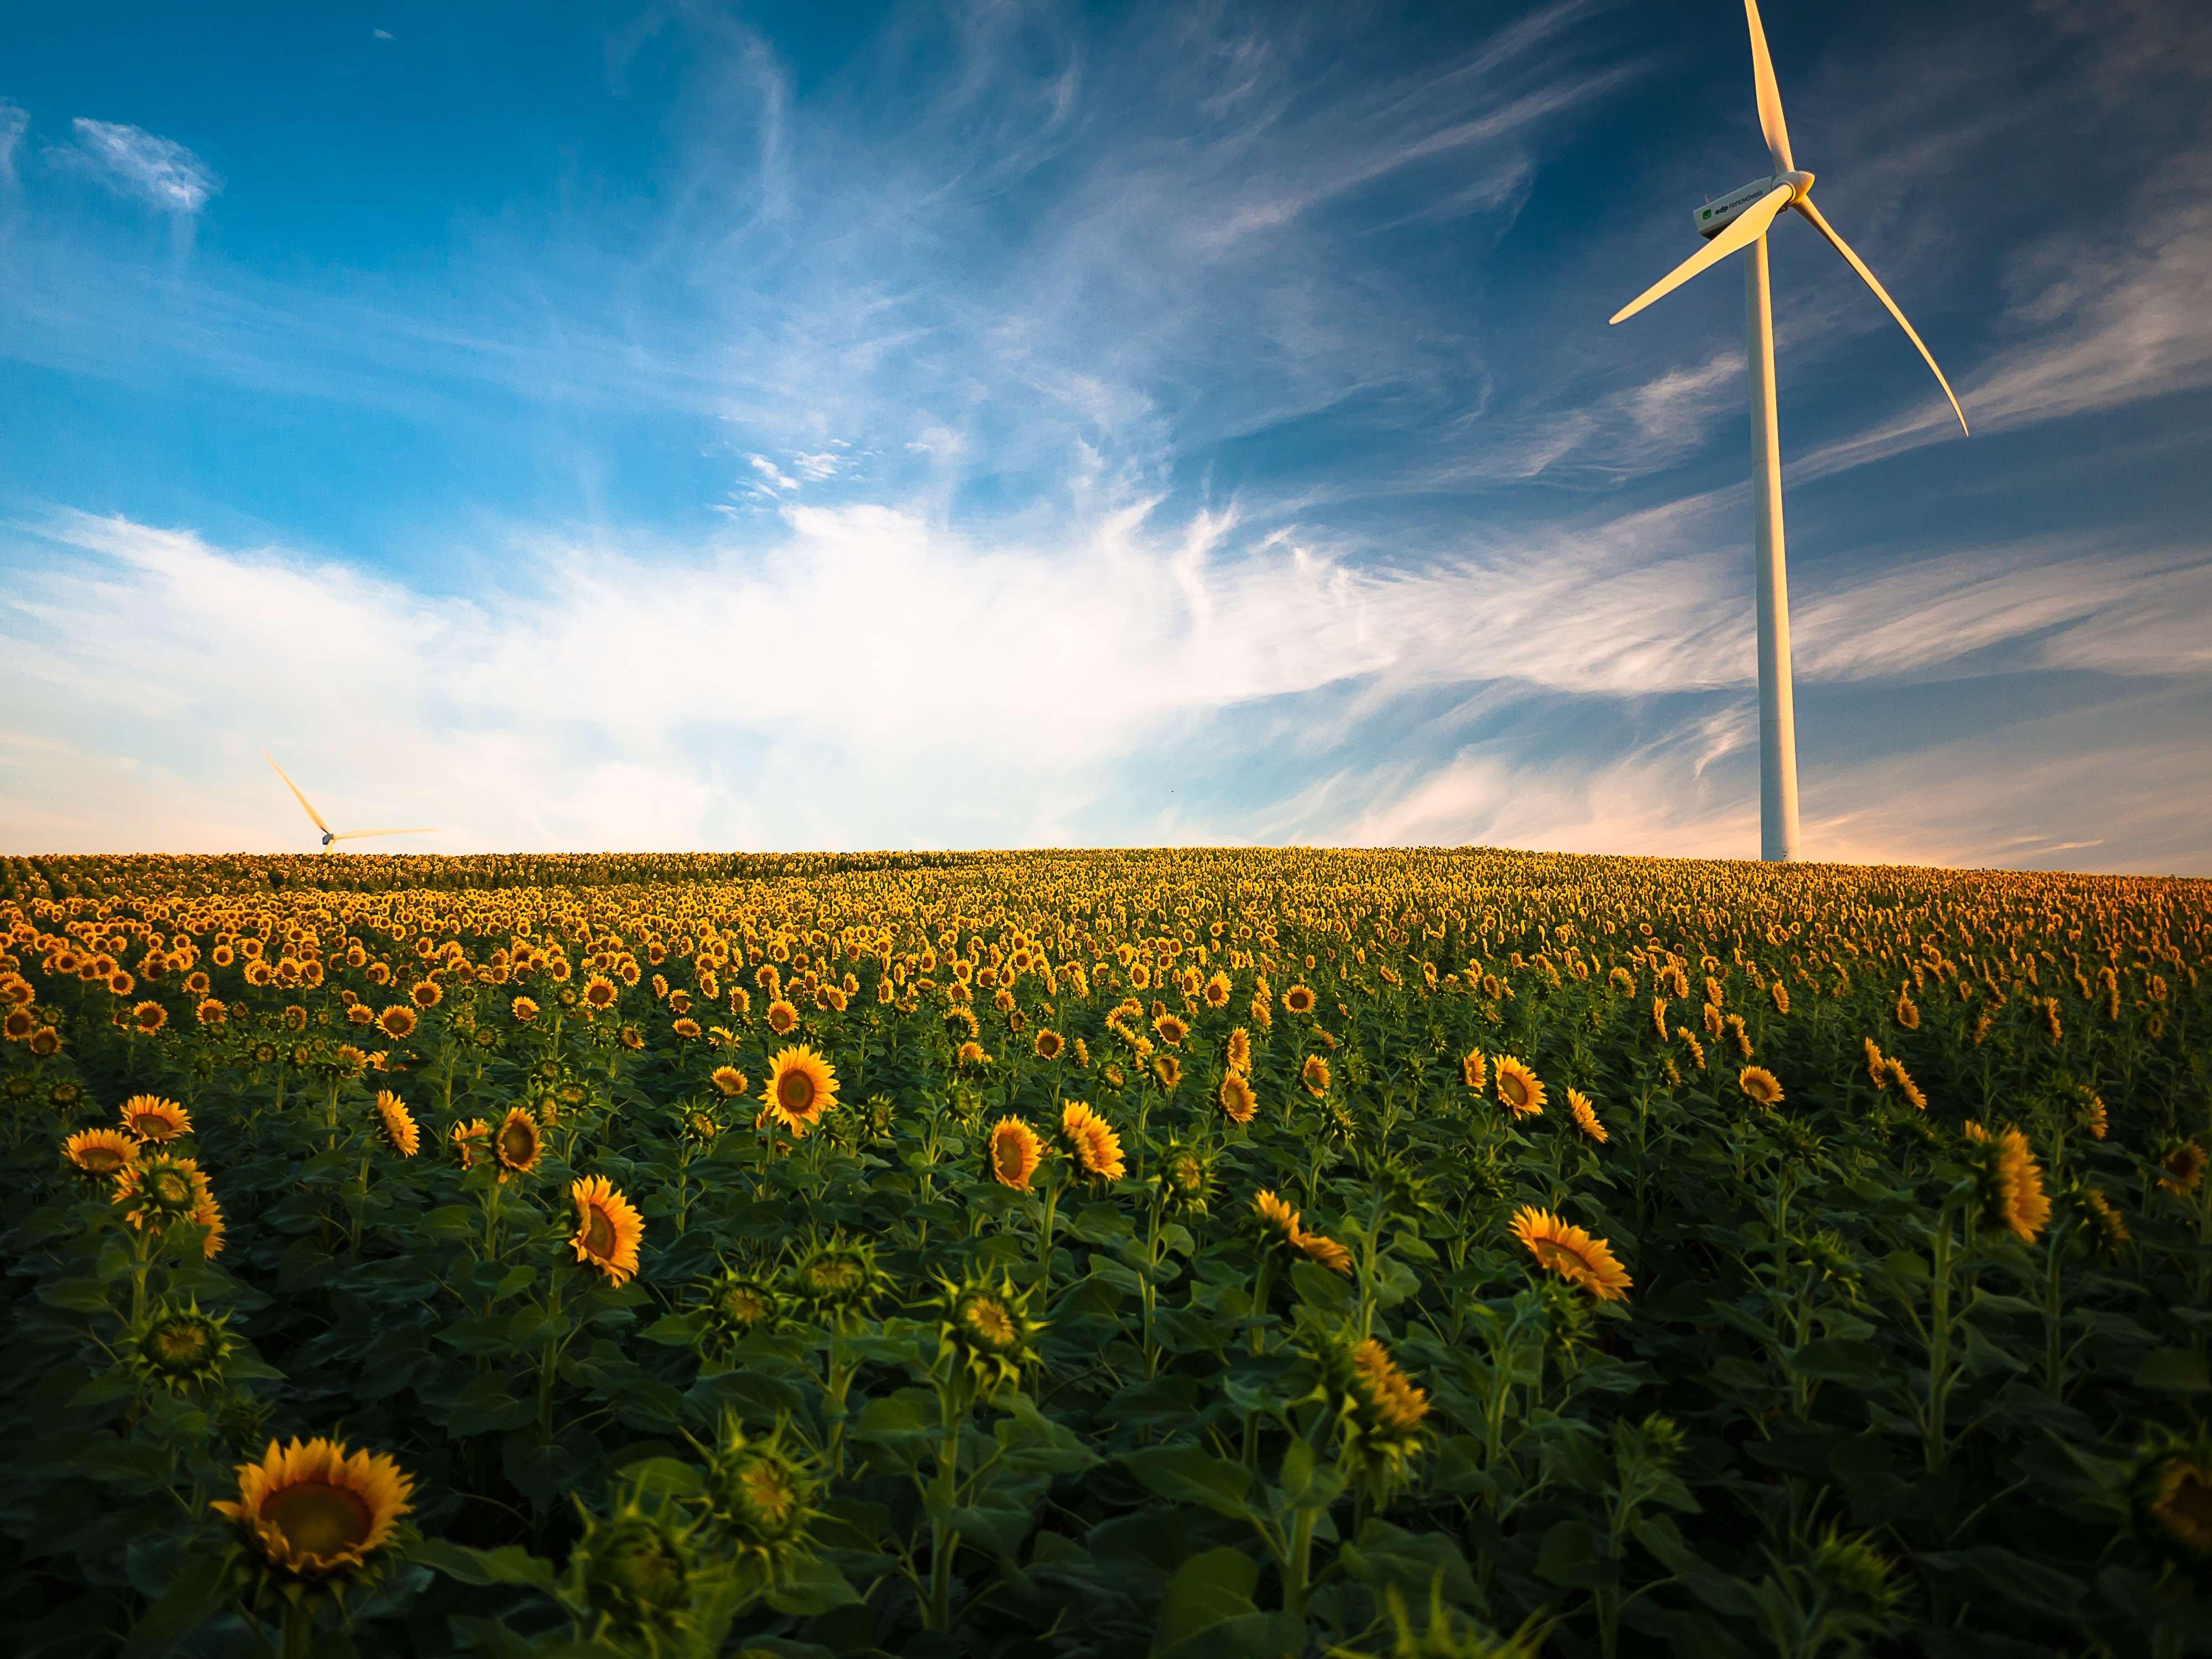 自然エネルギー100%をめざすグローバル企業のイニシアティブ「RE100」